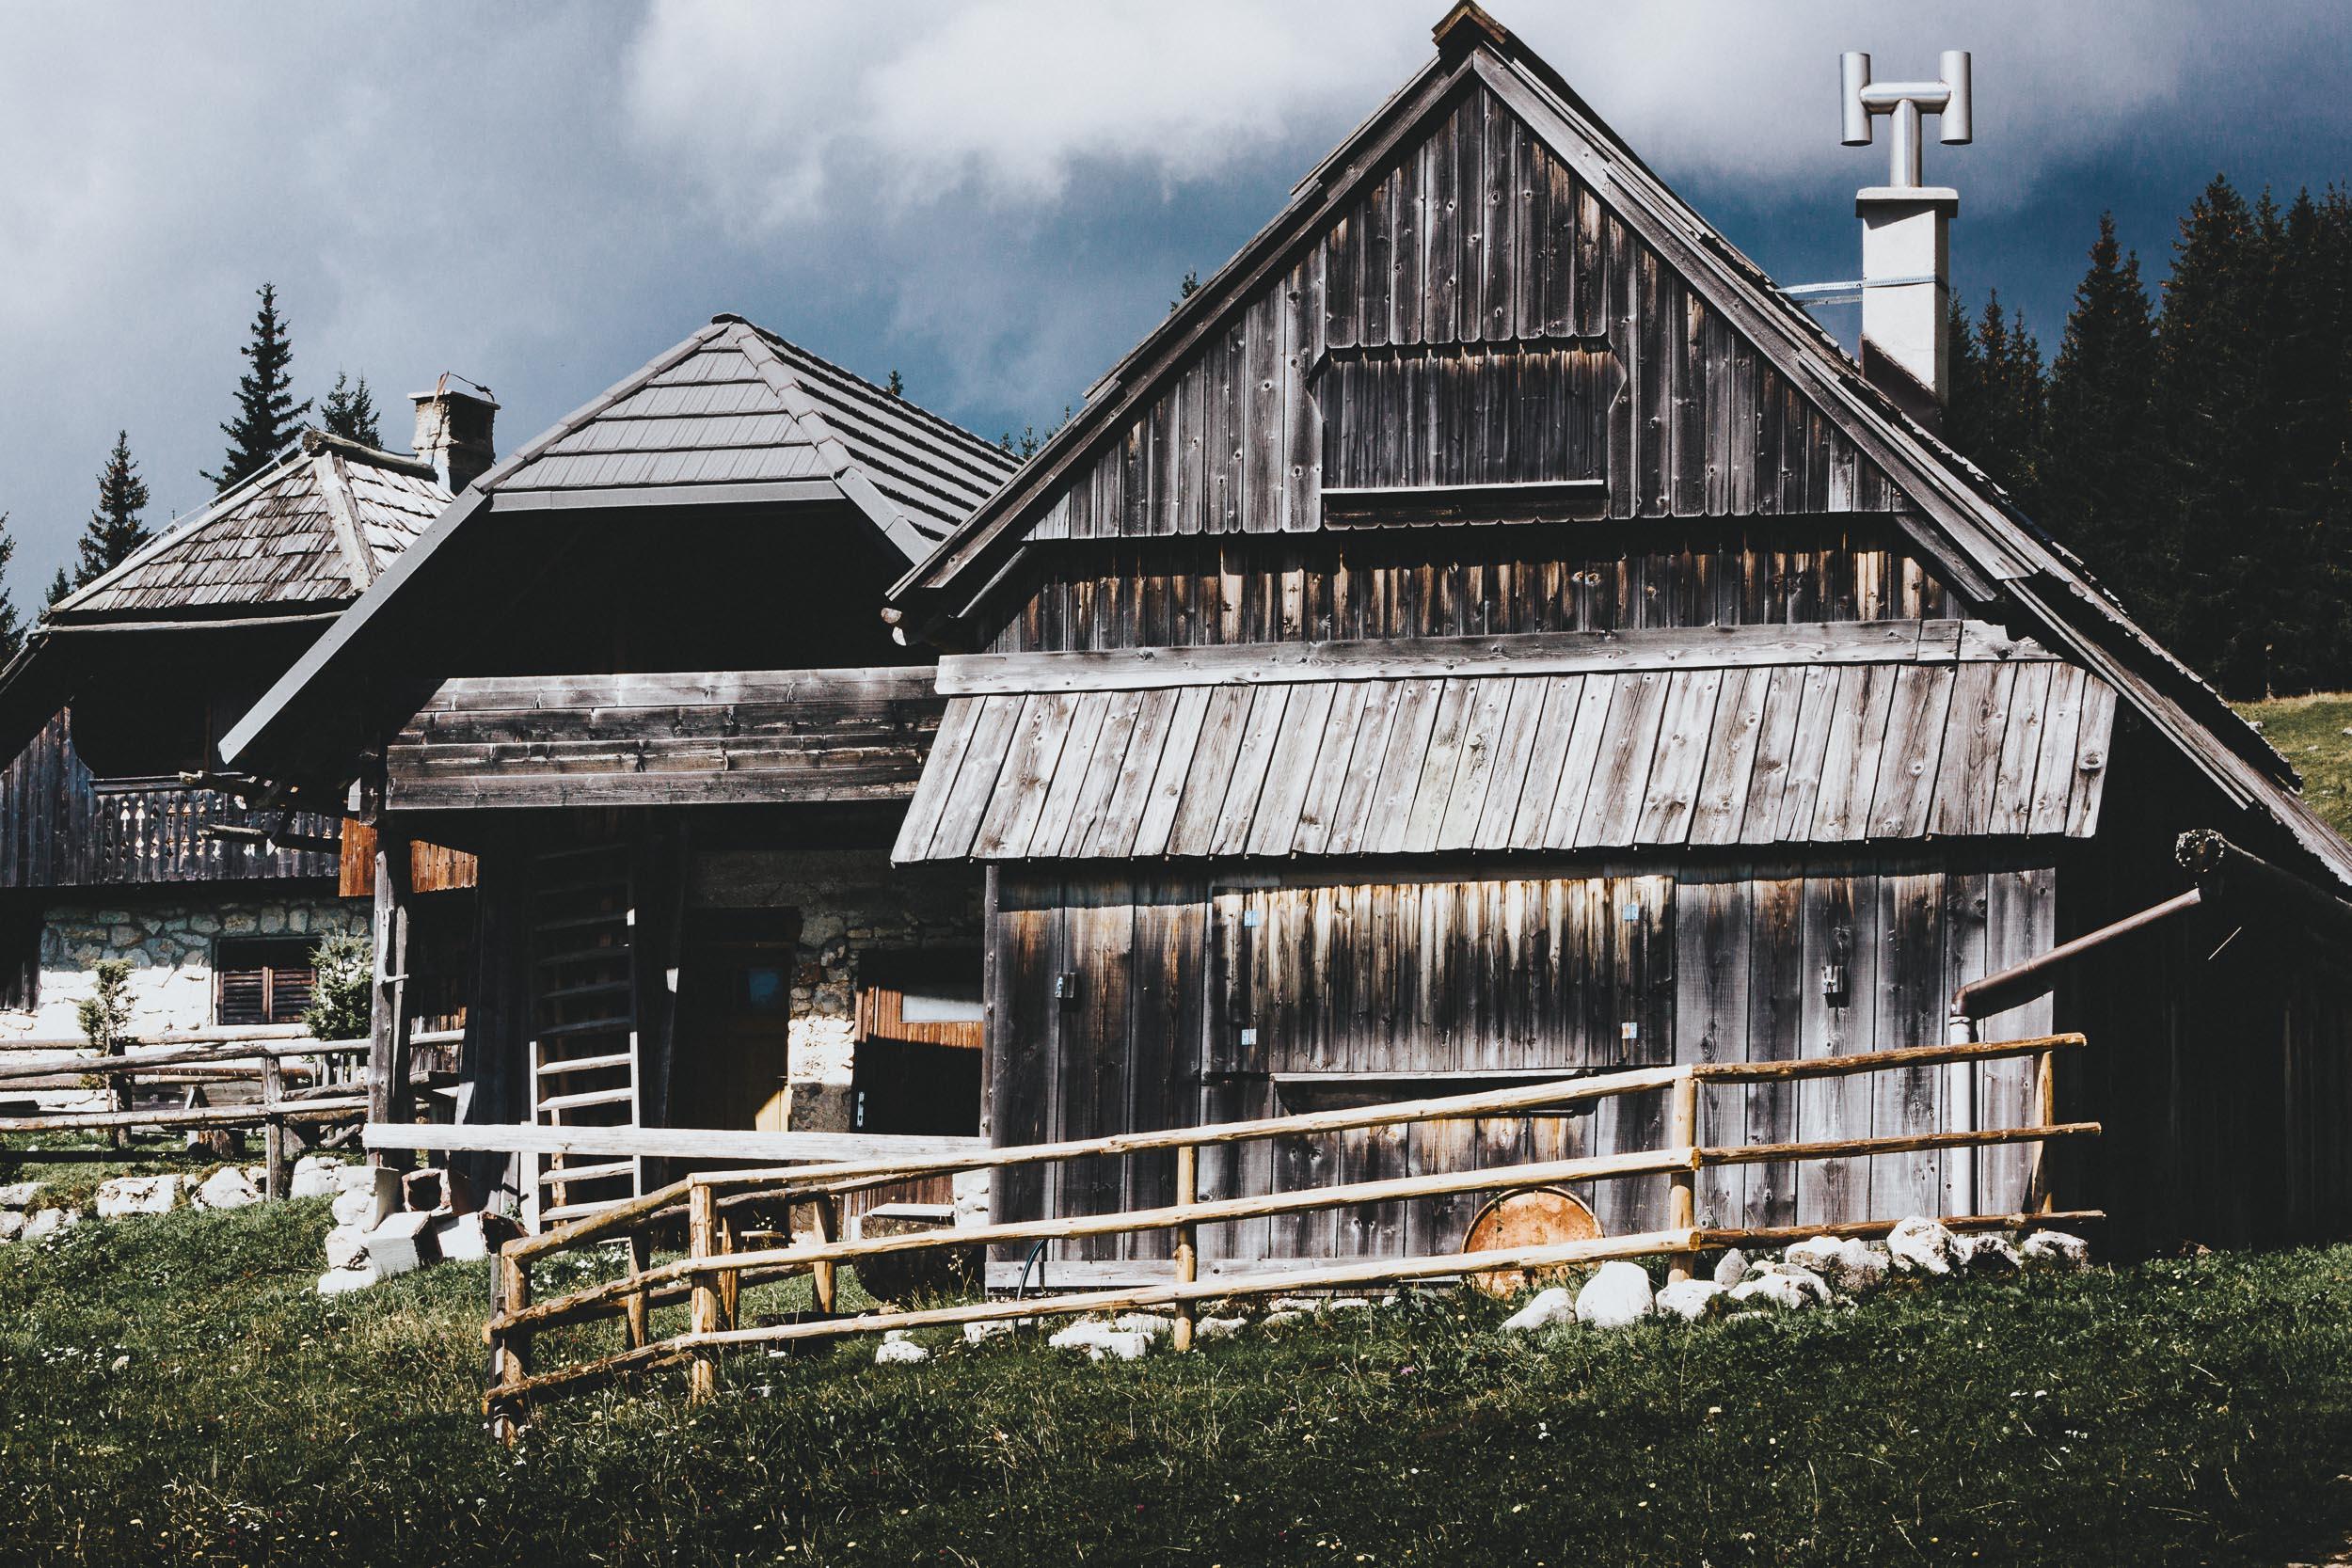 Herdsman's Cottages